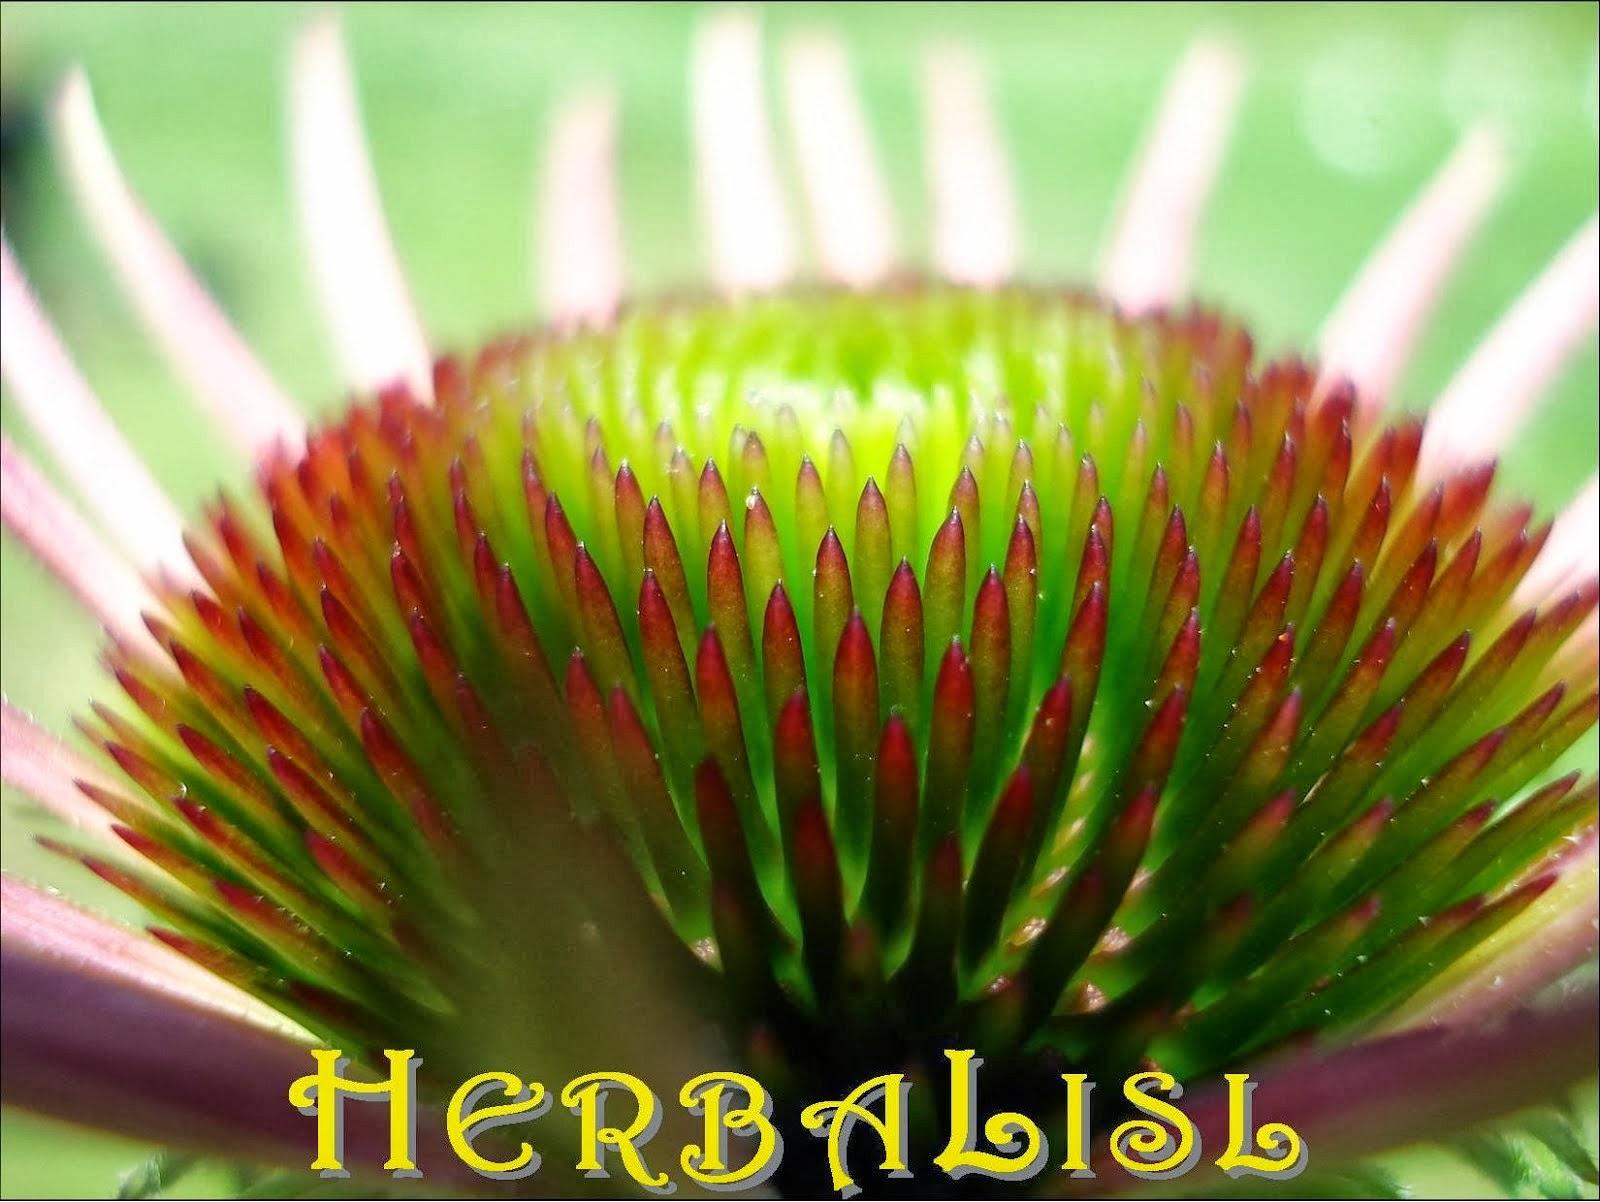 HerbaLisl's Webpage